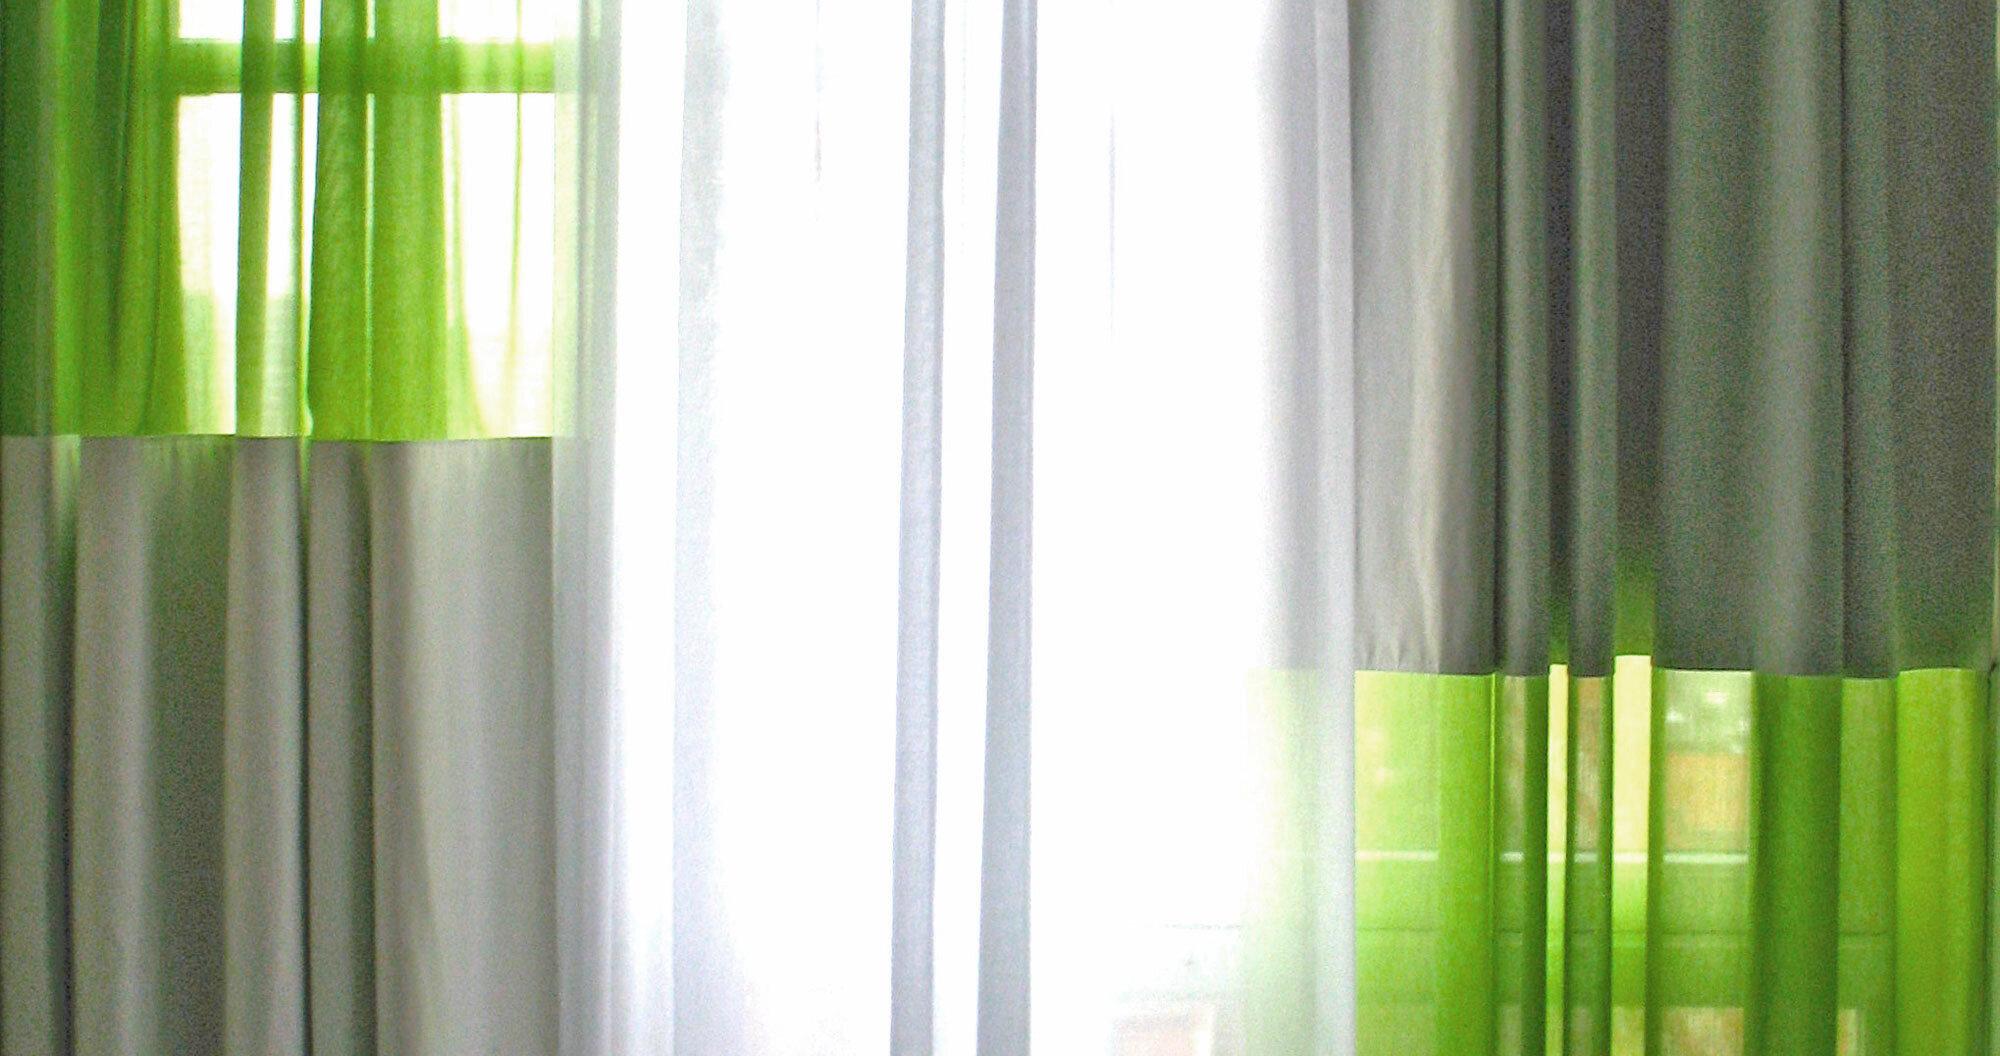 Kimik_Design_Gordijn_Wit_Groen_No17Ss.jpg